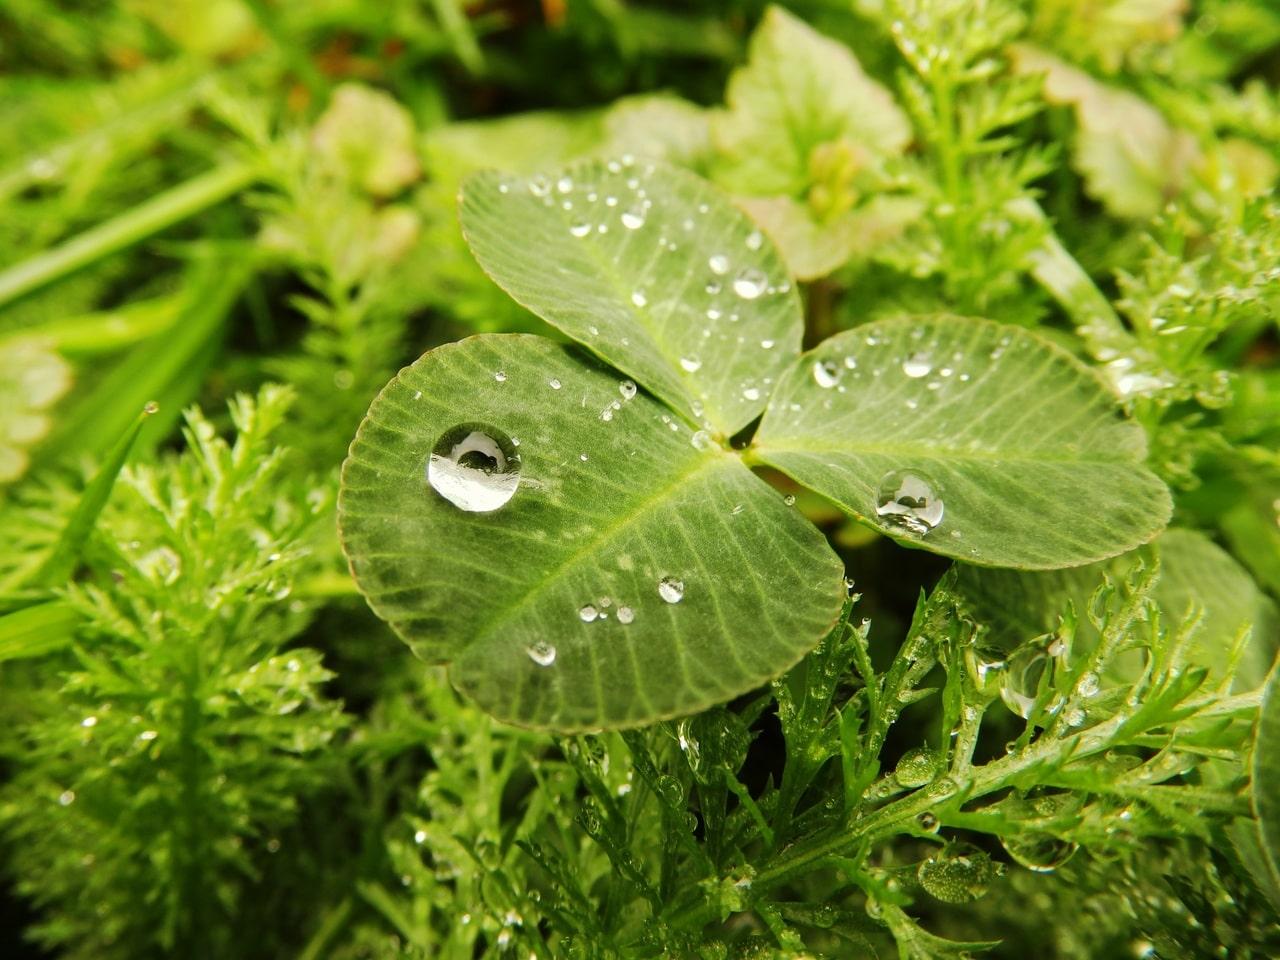 Las plantas necesitan agua, pero la lluvia puede causarle problemas